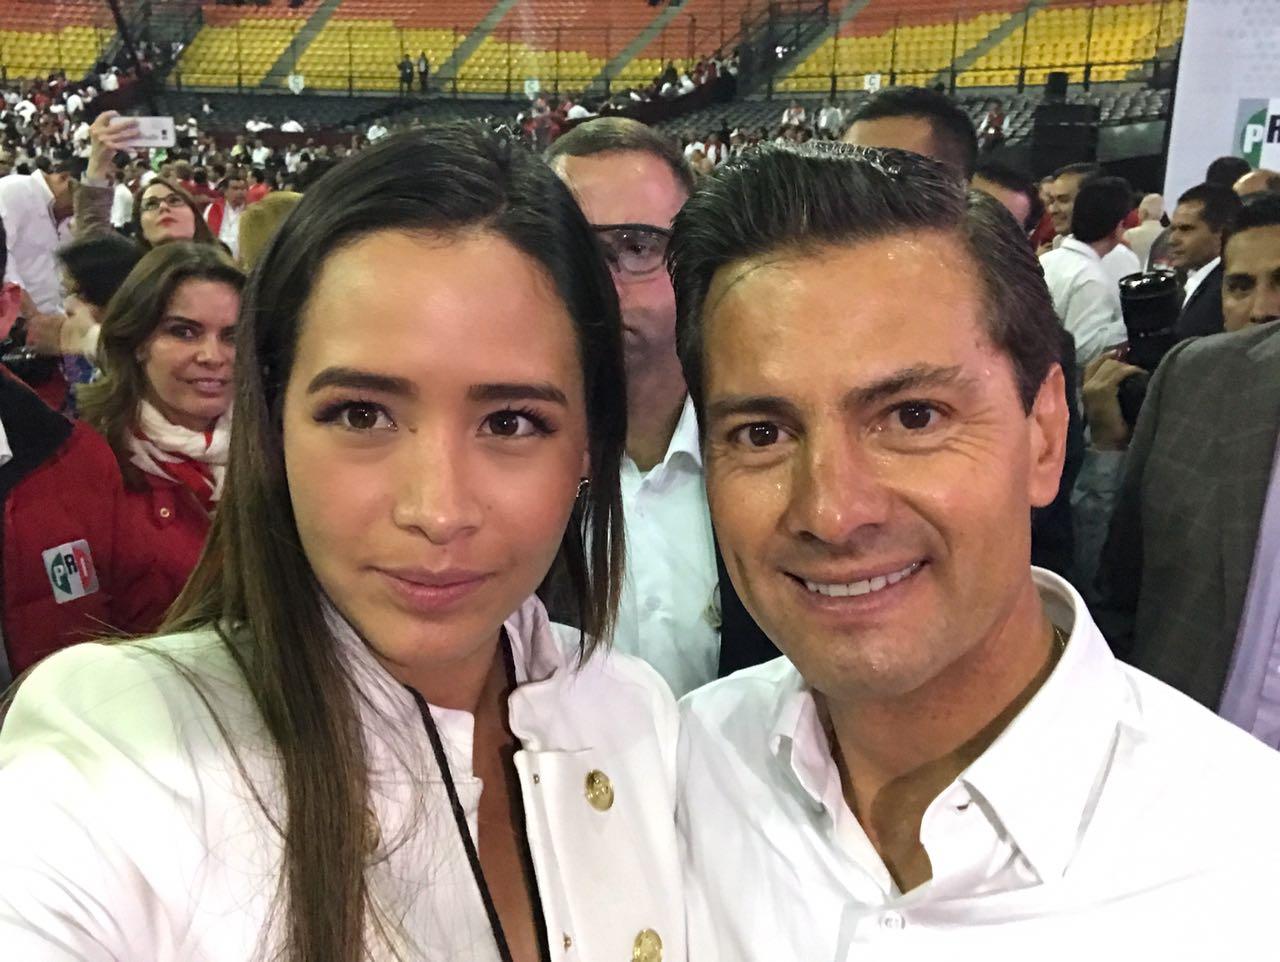 Graciela Palomares aplaude 30% de candidaturas para  jóvenes del PRI